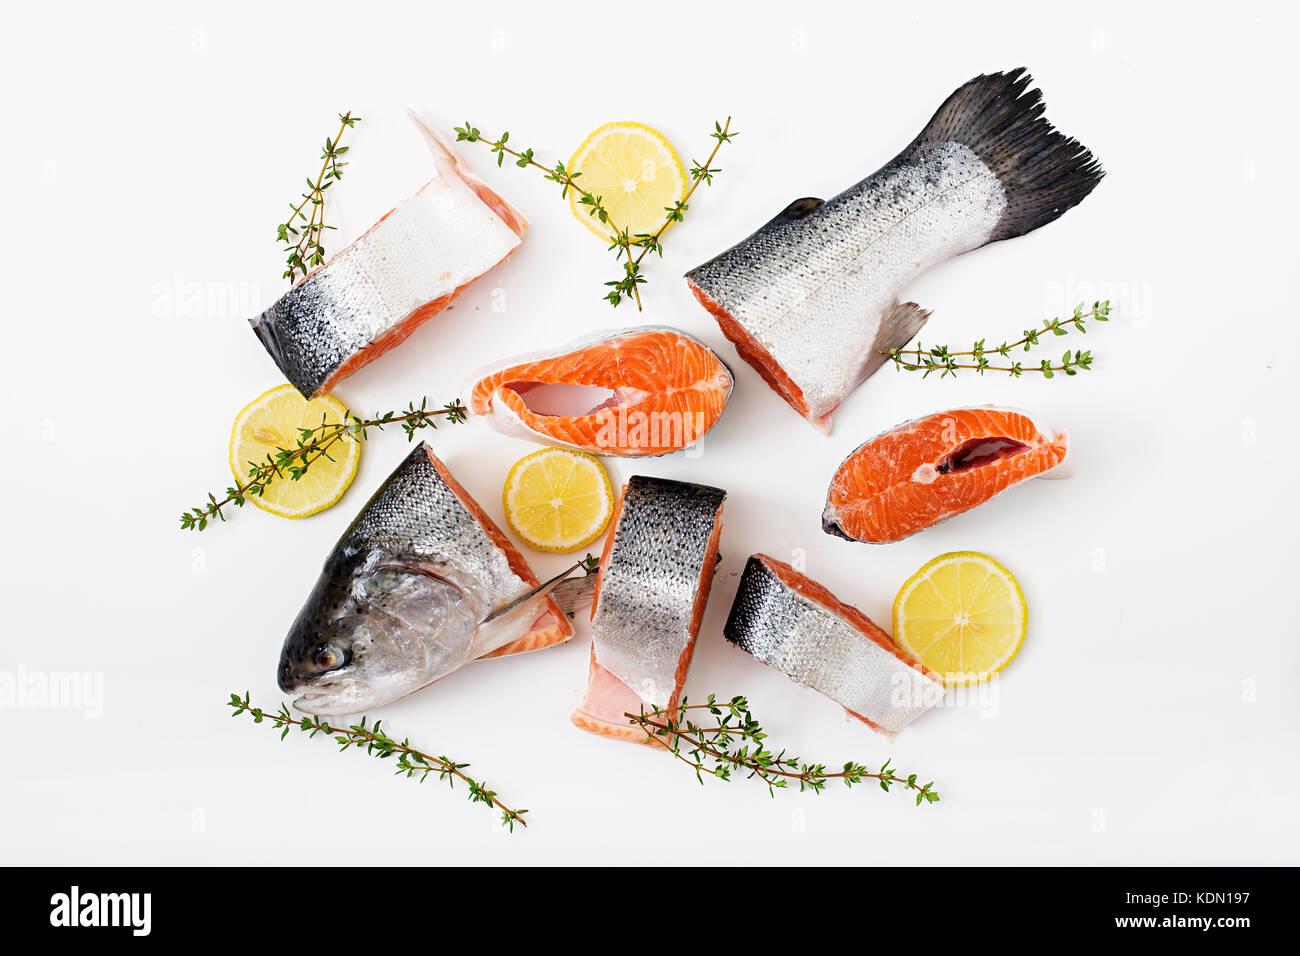 Frischen, rohen Lachs Stück rot Fisch auf einem weißen Hintergrund. Flach. top View Stockbild